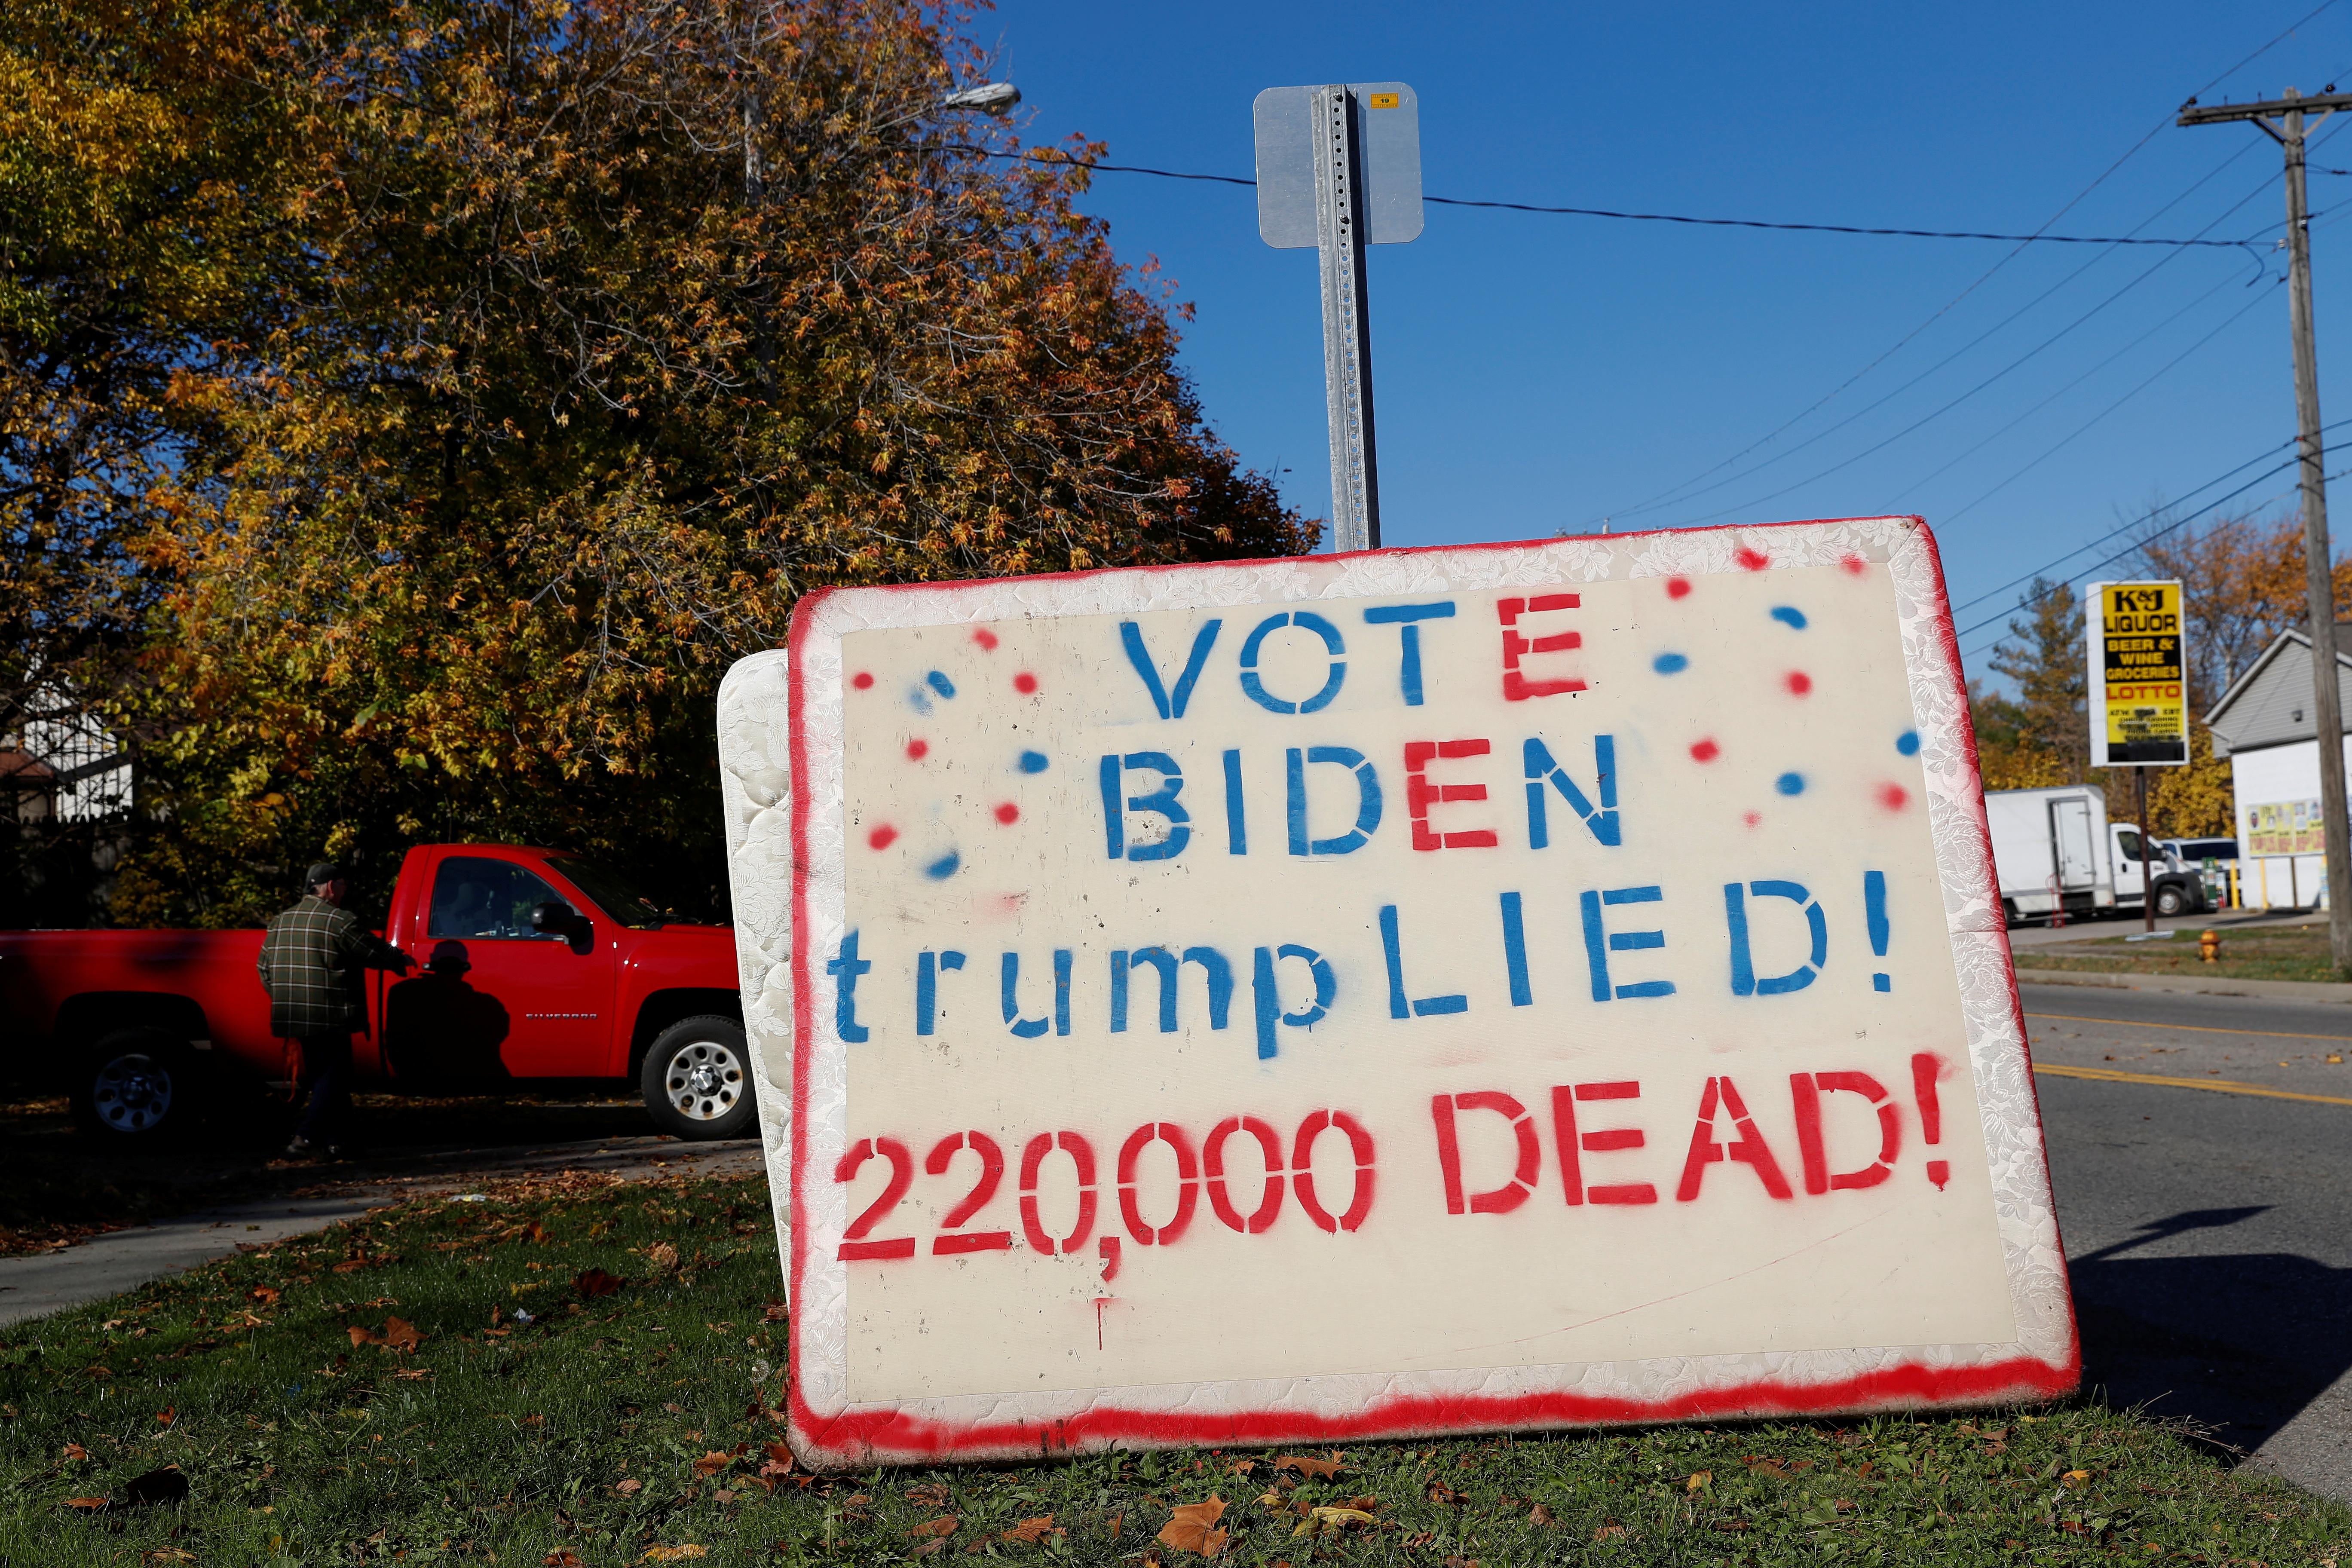 """不满特朗普政府抗疫表现的密歇根州居民,在住处外竖立写着""""投拜登  特朗普说谎  22万人死""""的标语牌。-路透社-"""